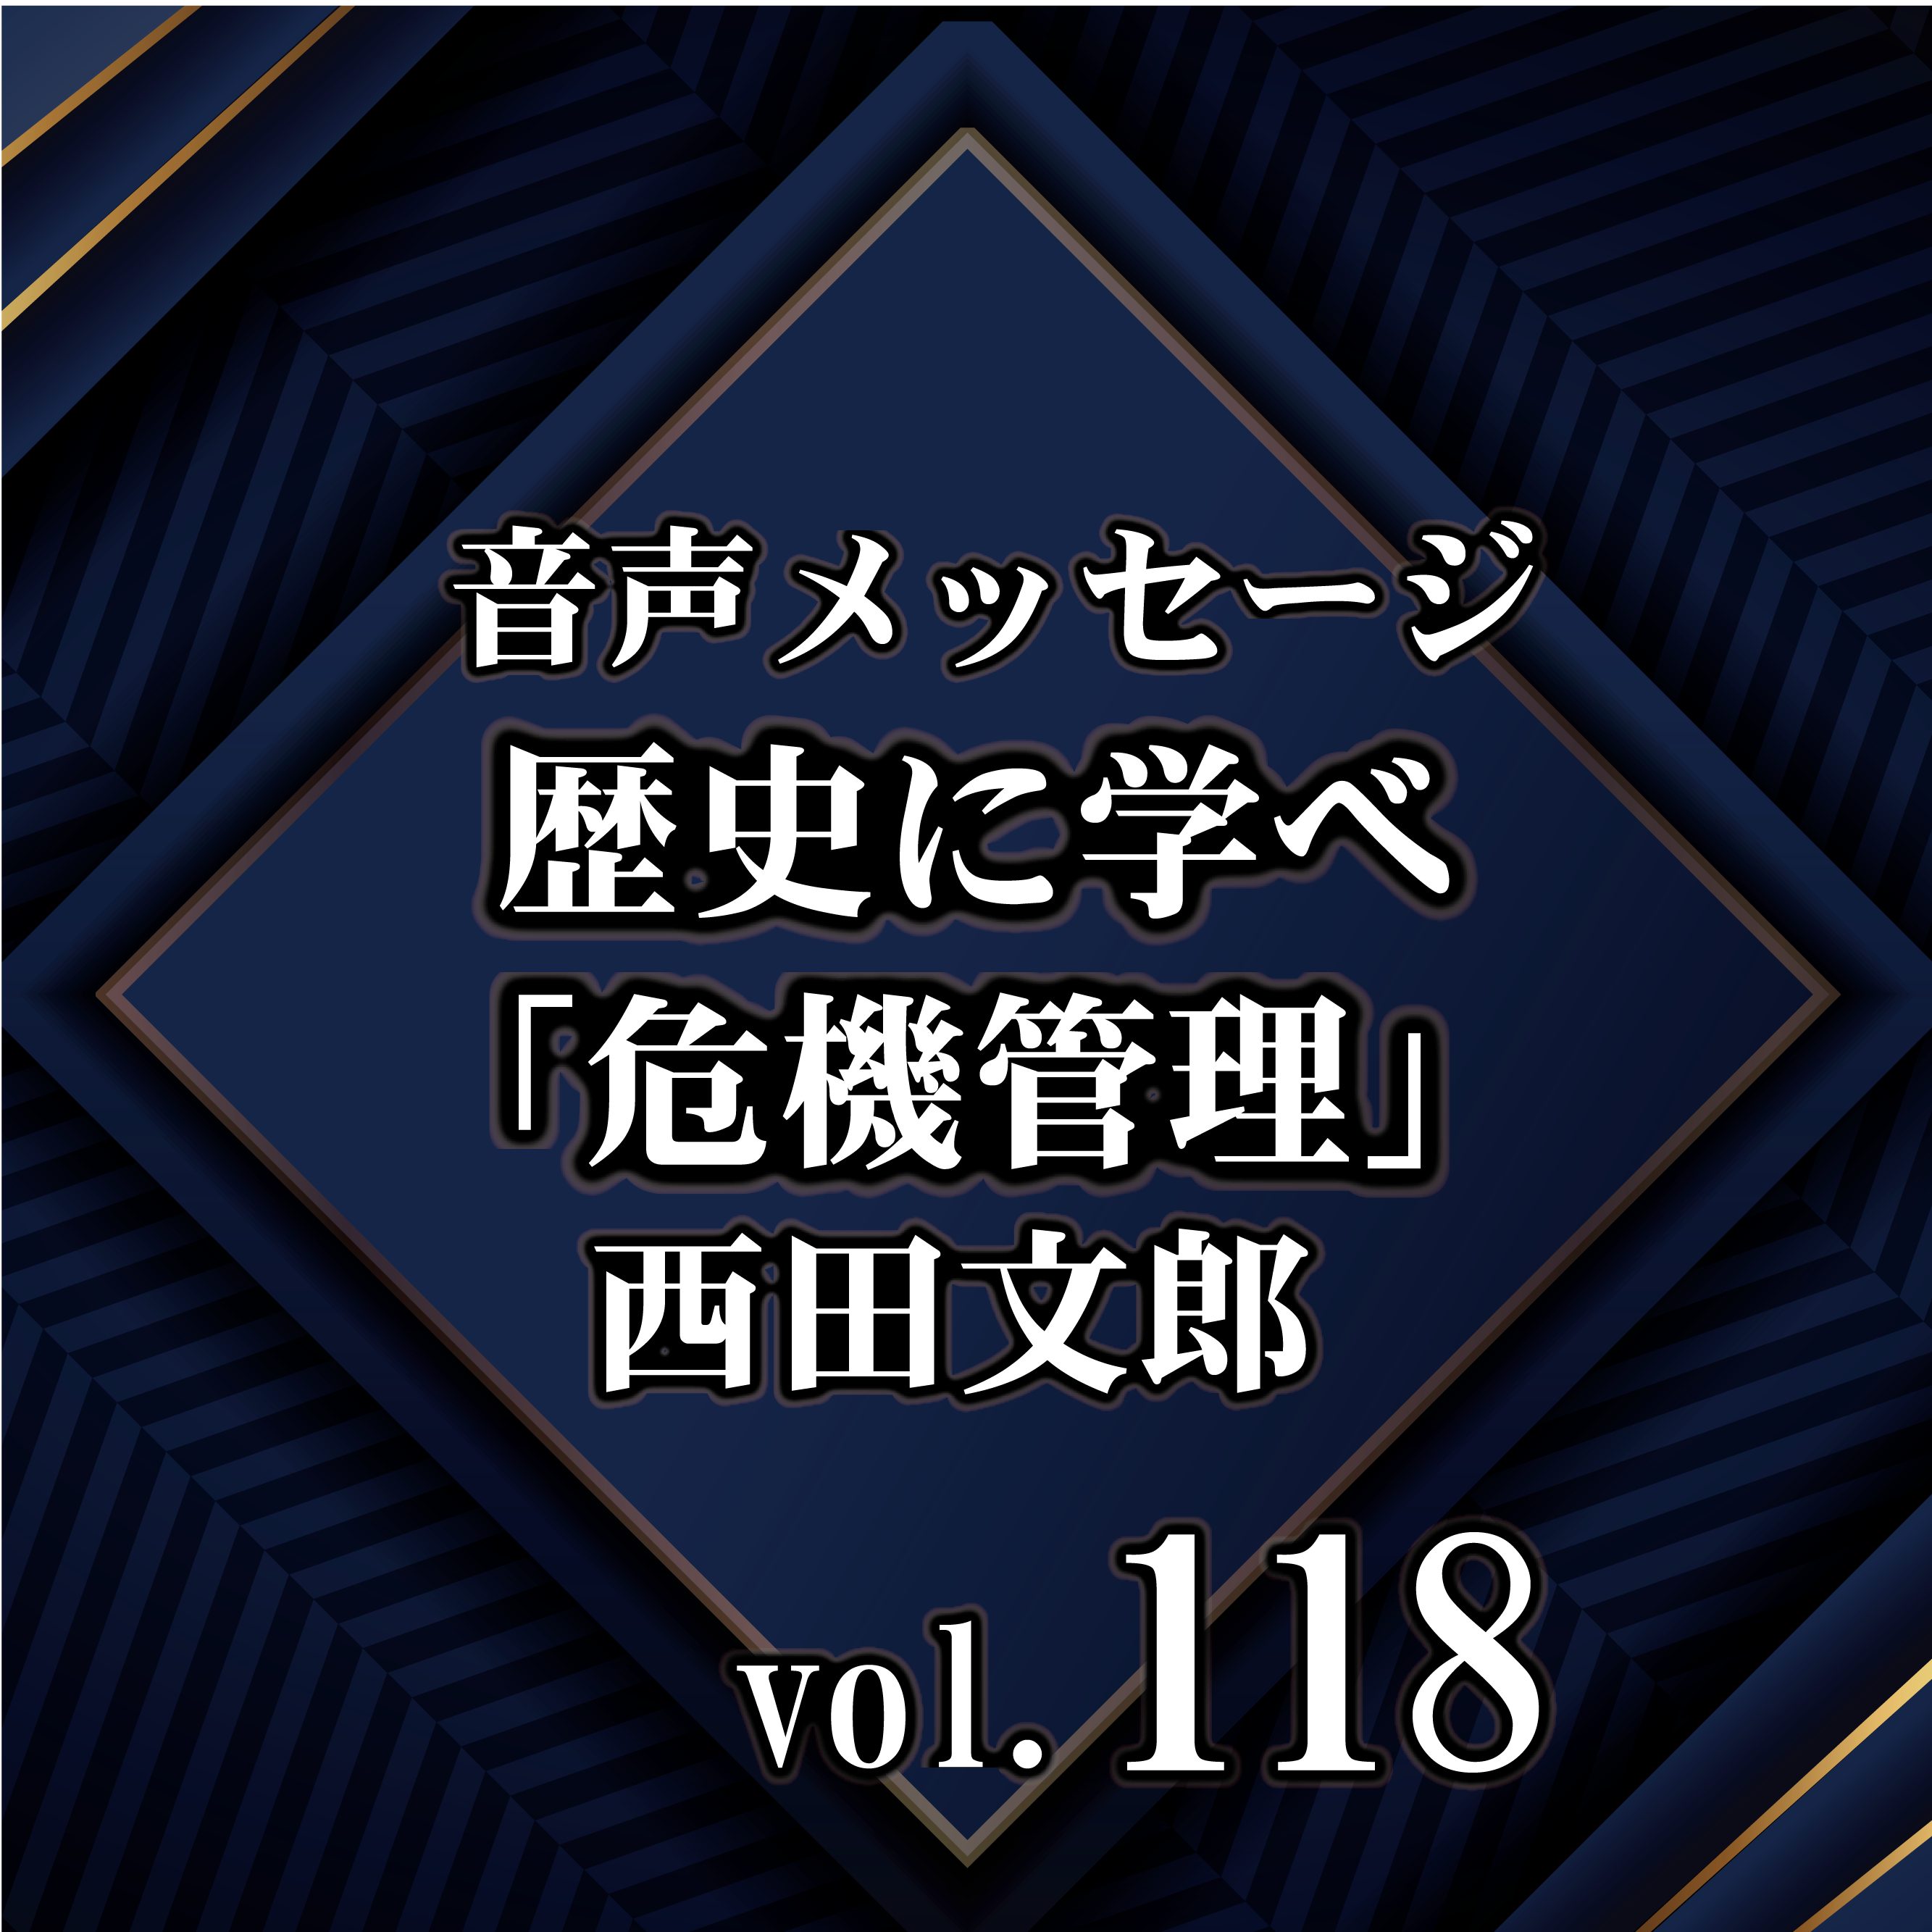 西田文郎 音声メッセージvol.118『歴史に学べ「危機管理」』